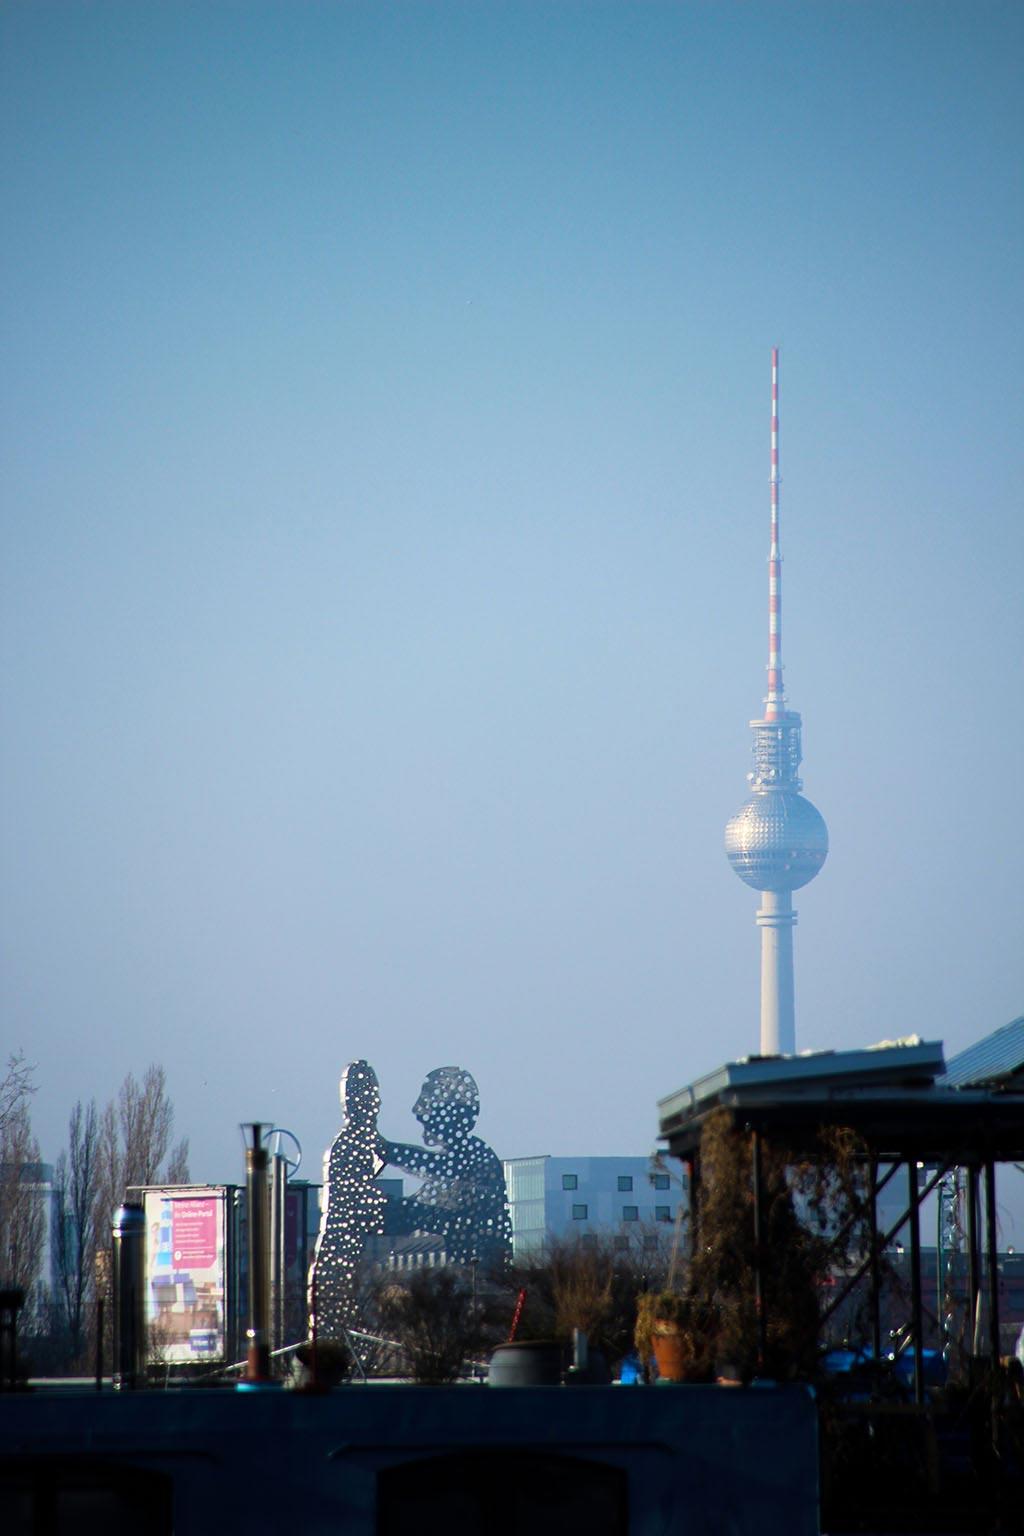 Der Fernsehturm vom Treptower Park aus gesehen